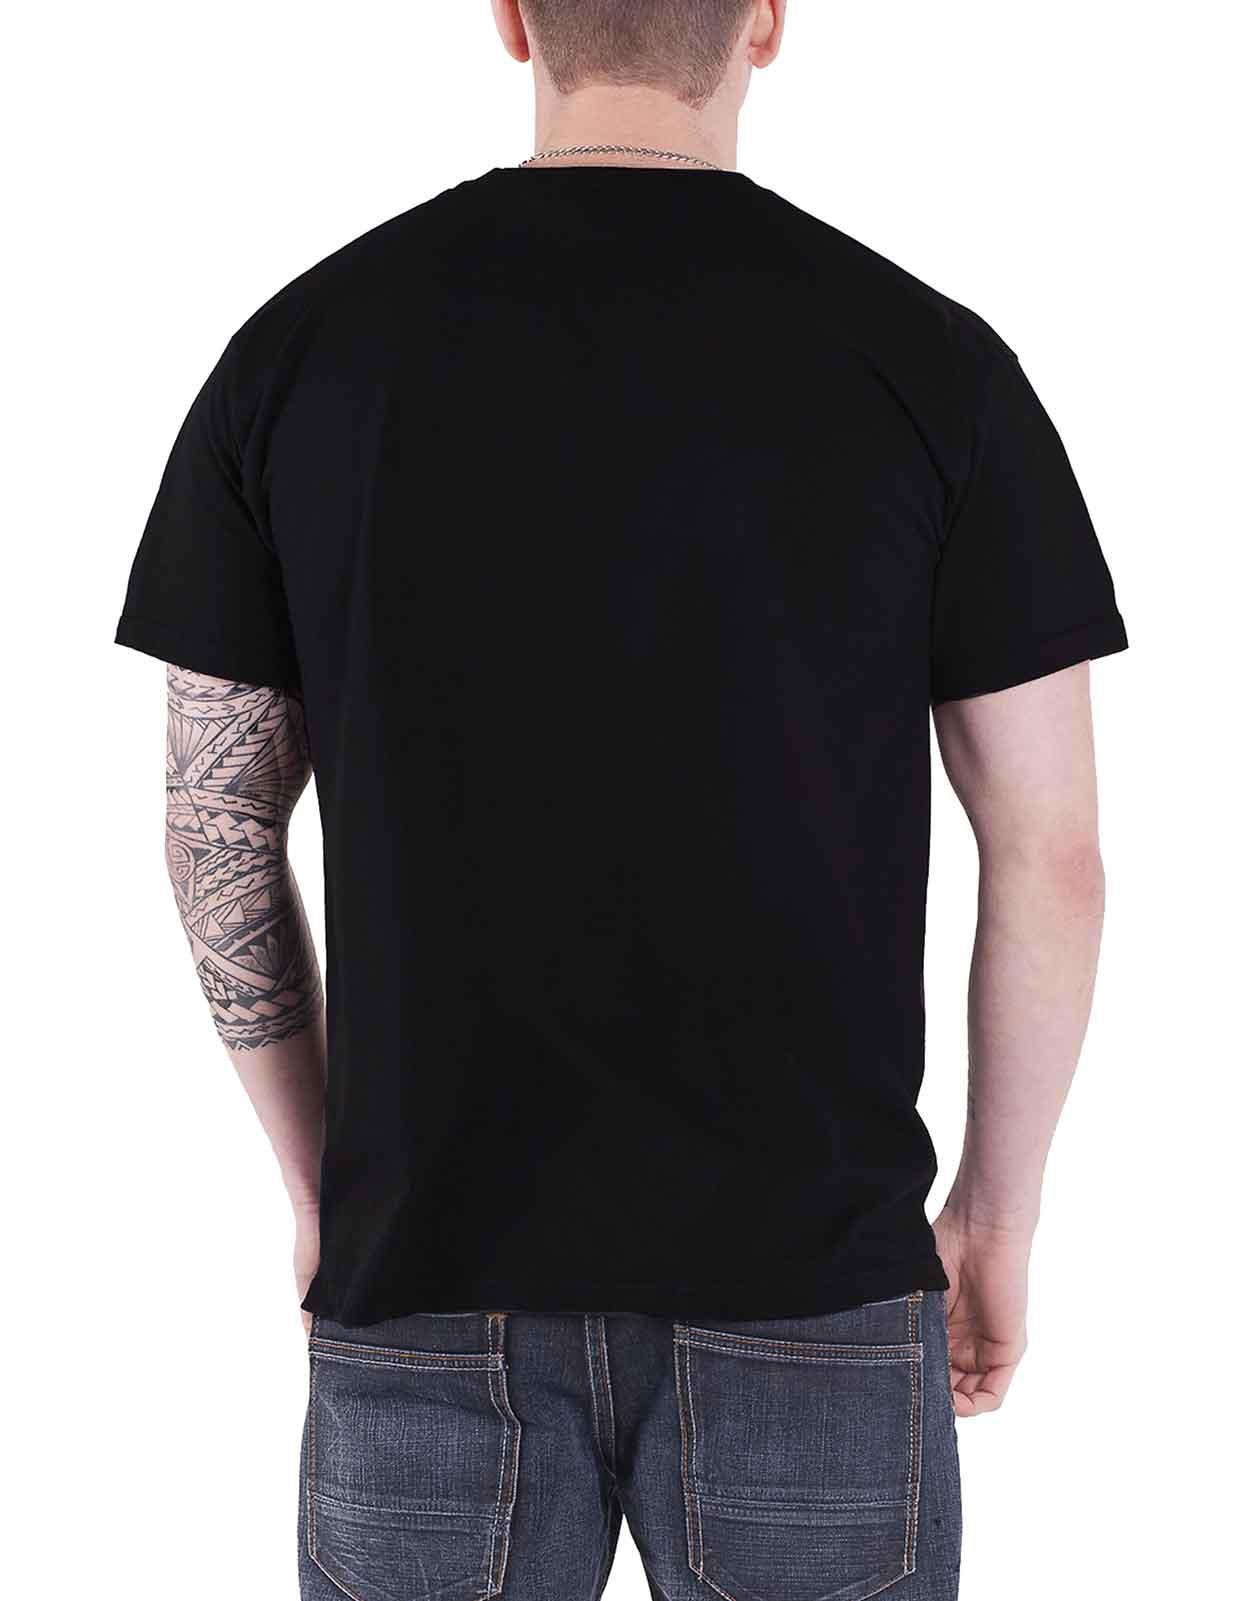 Rick-and-Morty-T-Shirt-Pickle-Rick-Portail-spirale-Wubba-Lubba-nouveau-officiel-Homme miniature 15